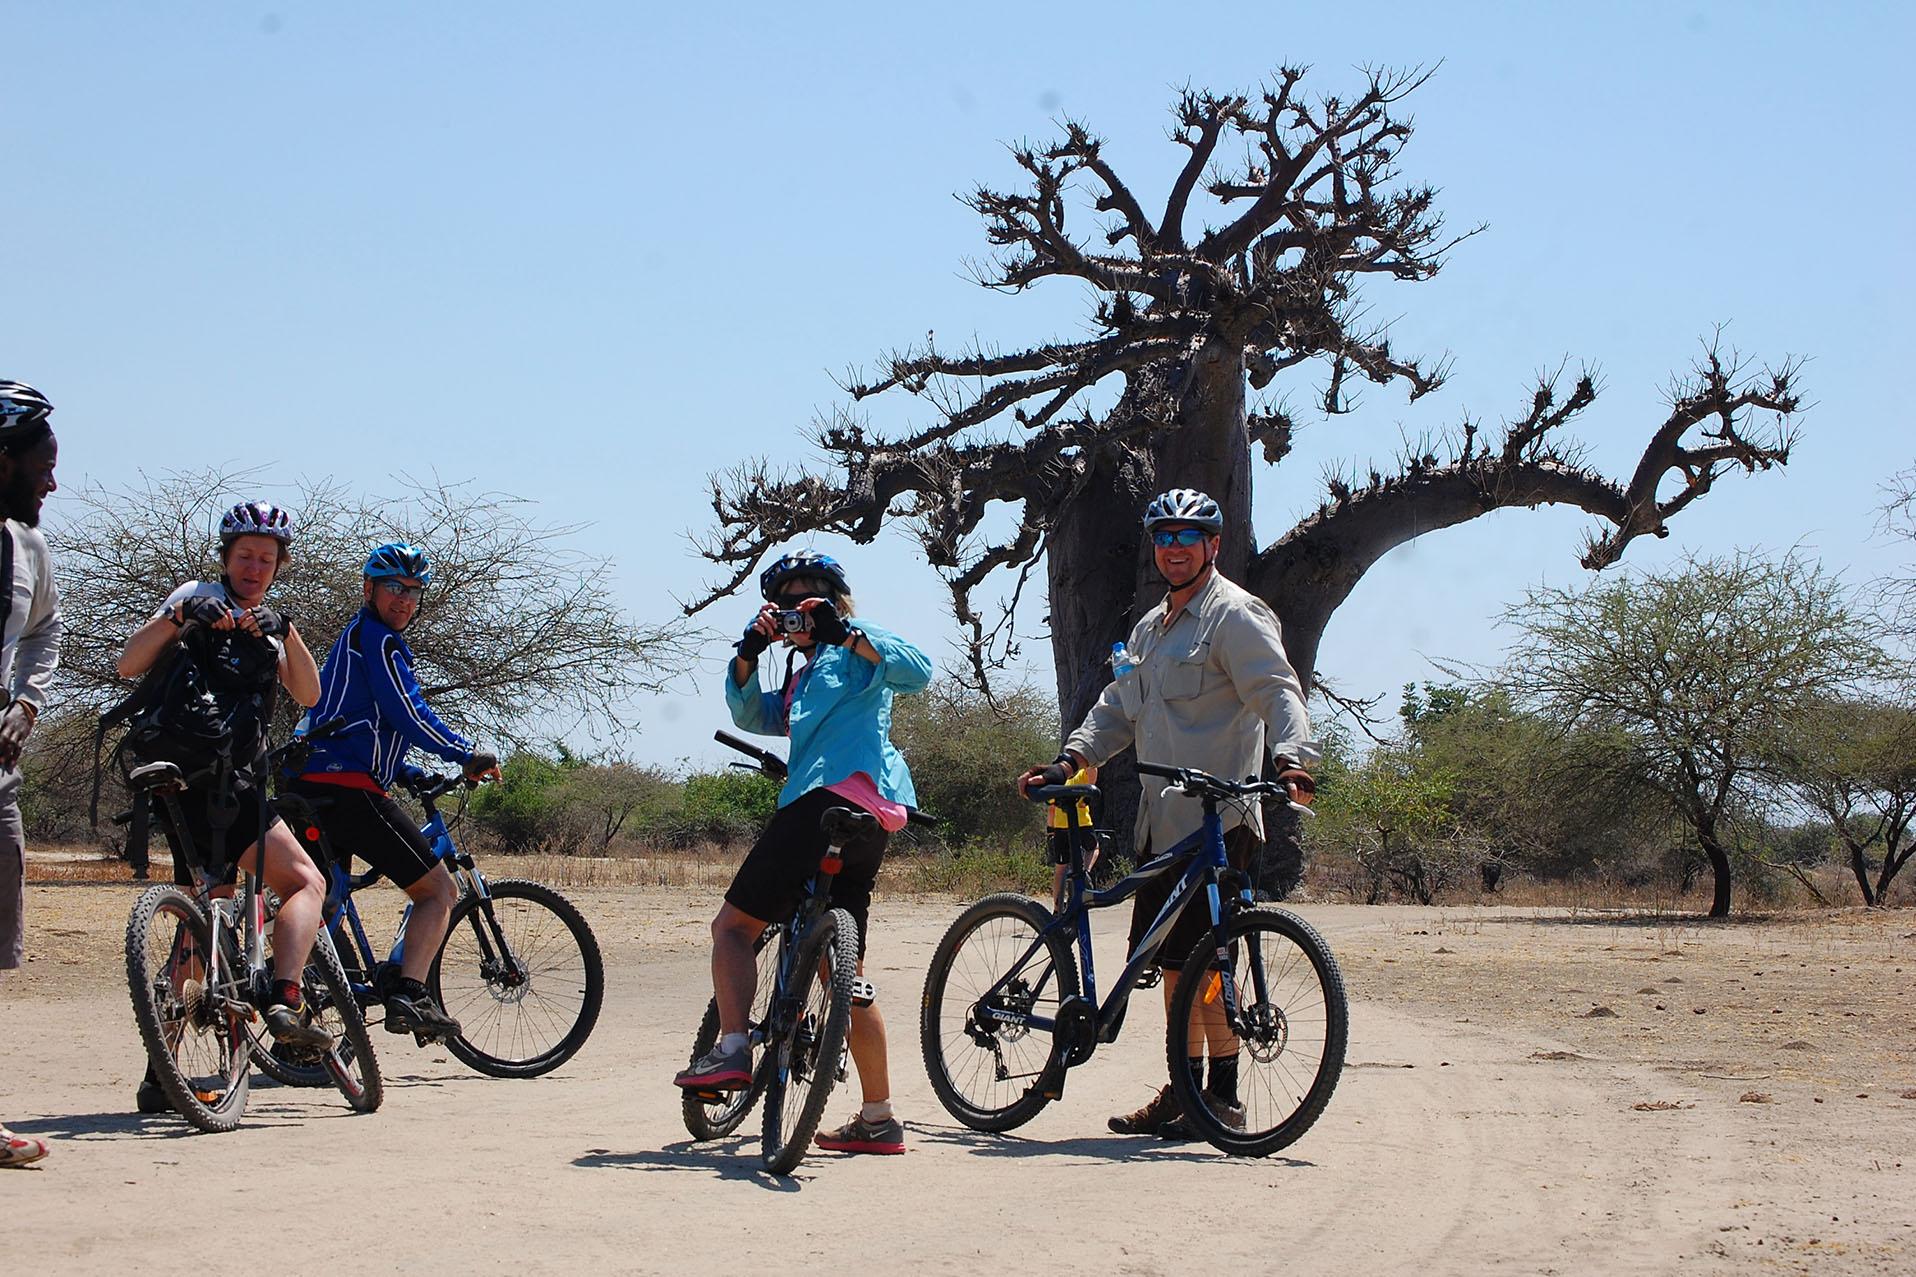 1 Day Biking Tour in Moshi